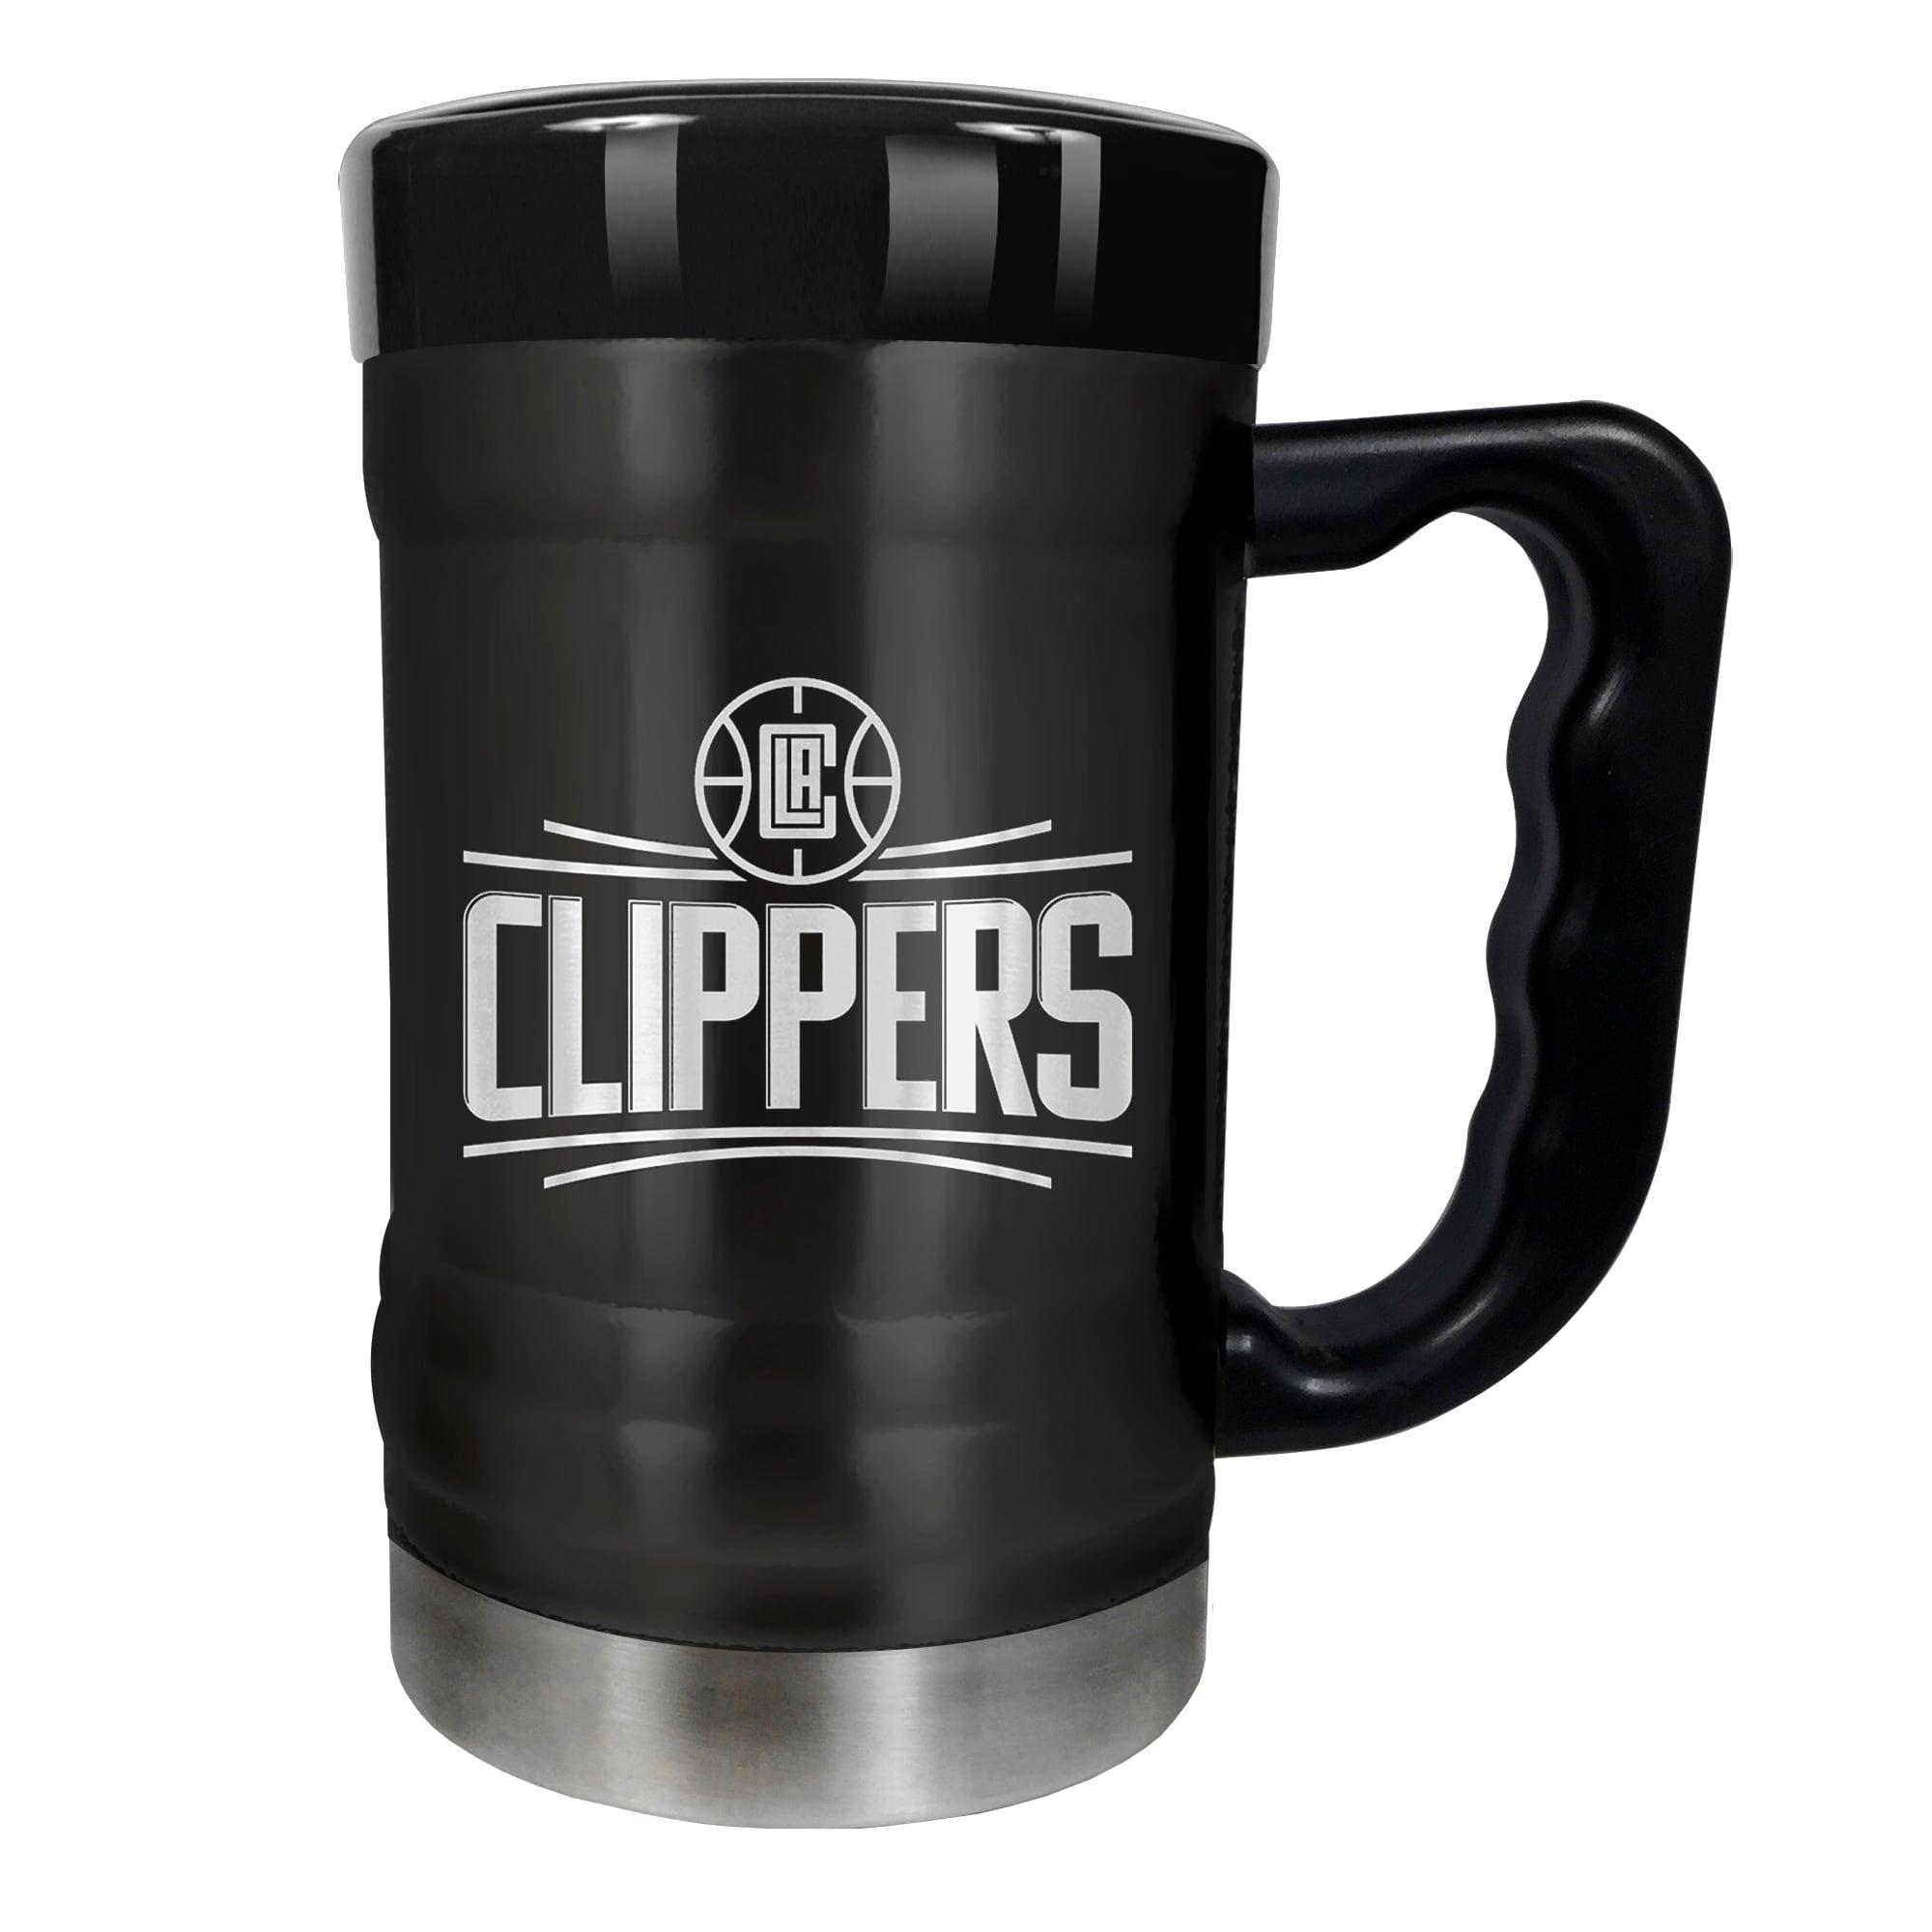 LA Clippers 15oz. Stealth Coach Coffee Mug - Black